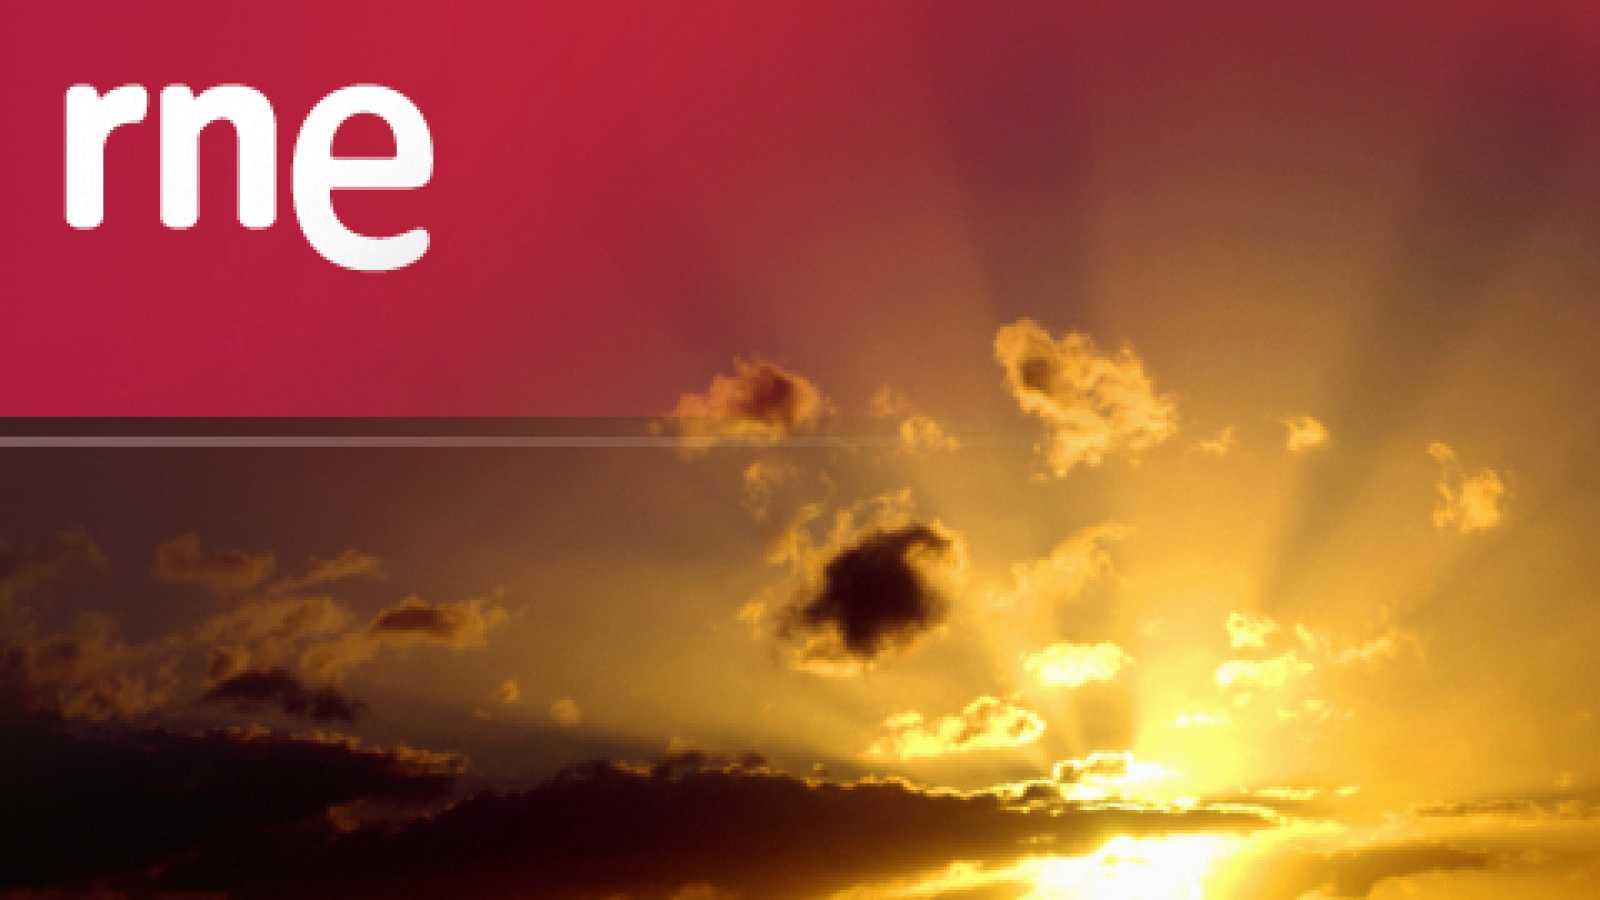 Alborada - El desafío de educar el corazón - 07/04/21 - escuchar ahora